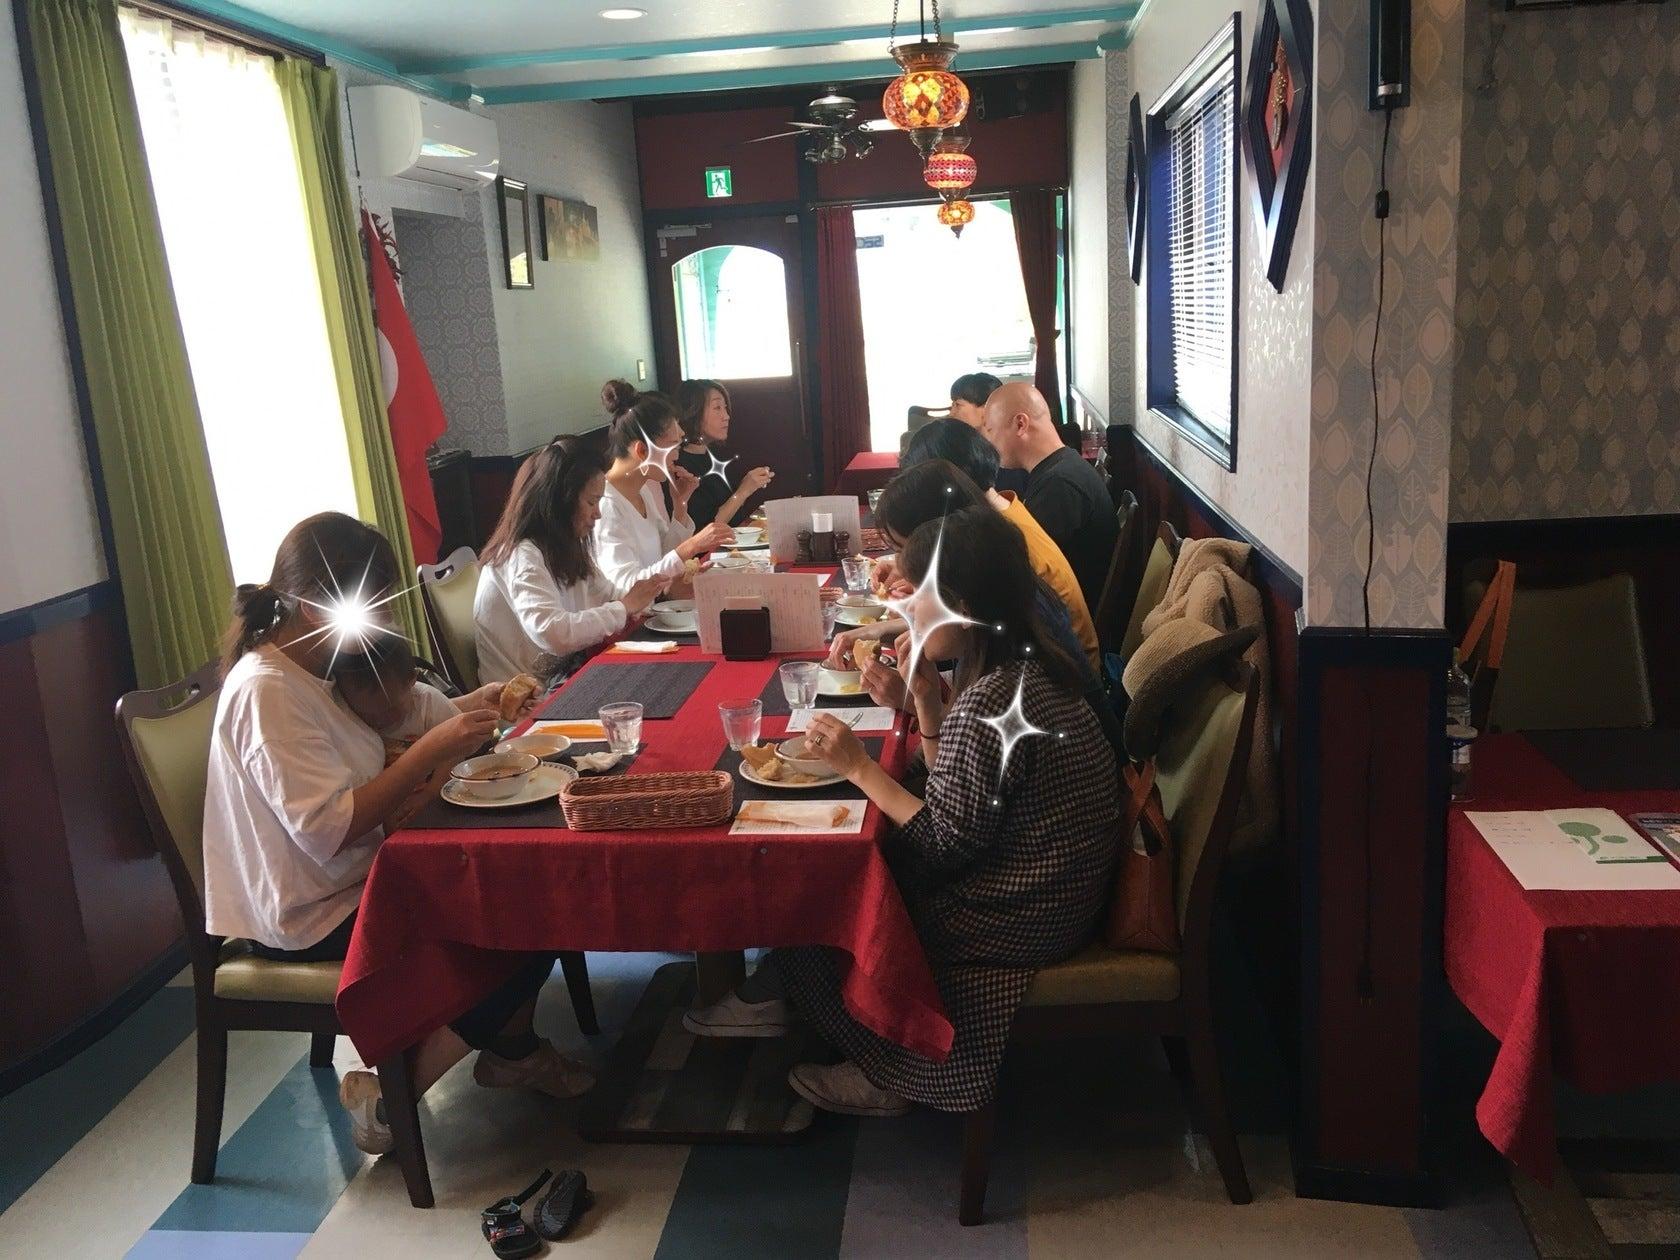 【 南熱海・JR網代駅徒歩5分 】海を望む一軒家レストラン。自然あふれるロケーションでイベント、パーティー、会議・研修等 の写真